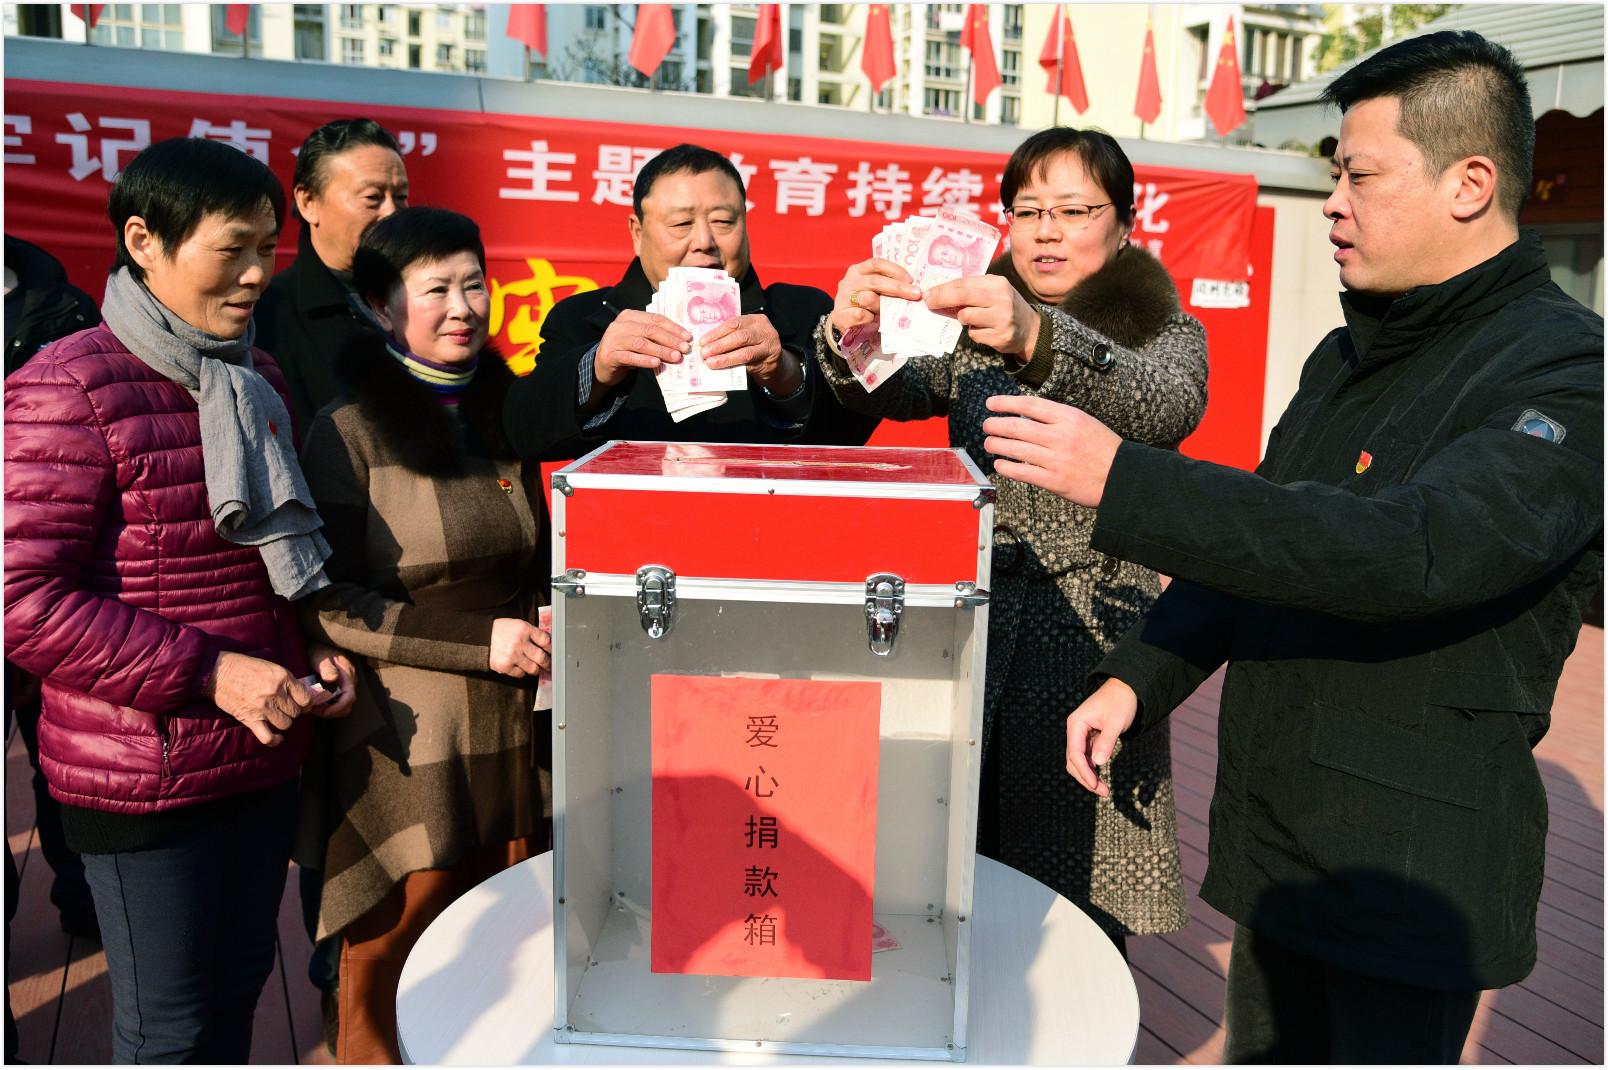 江苏镇江:党员捐款帮扶困难家庭